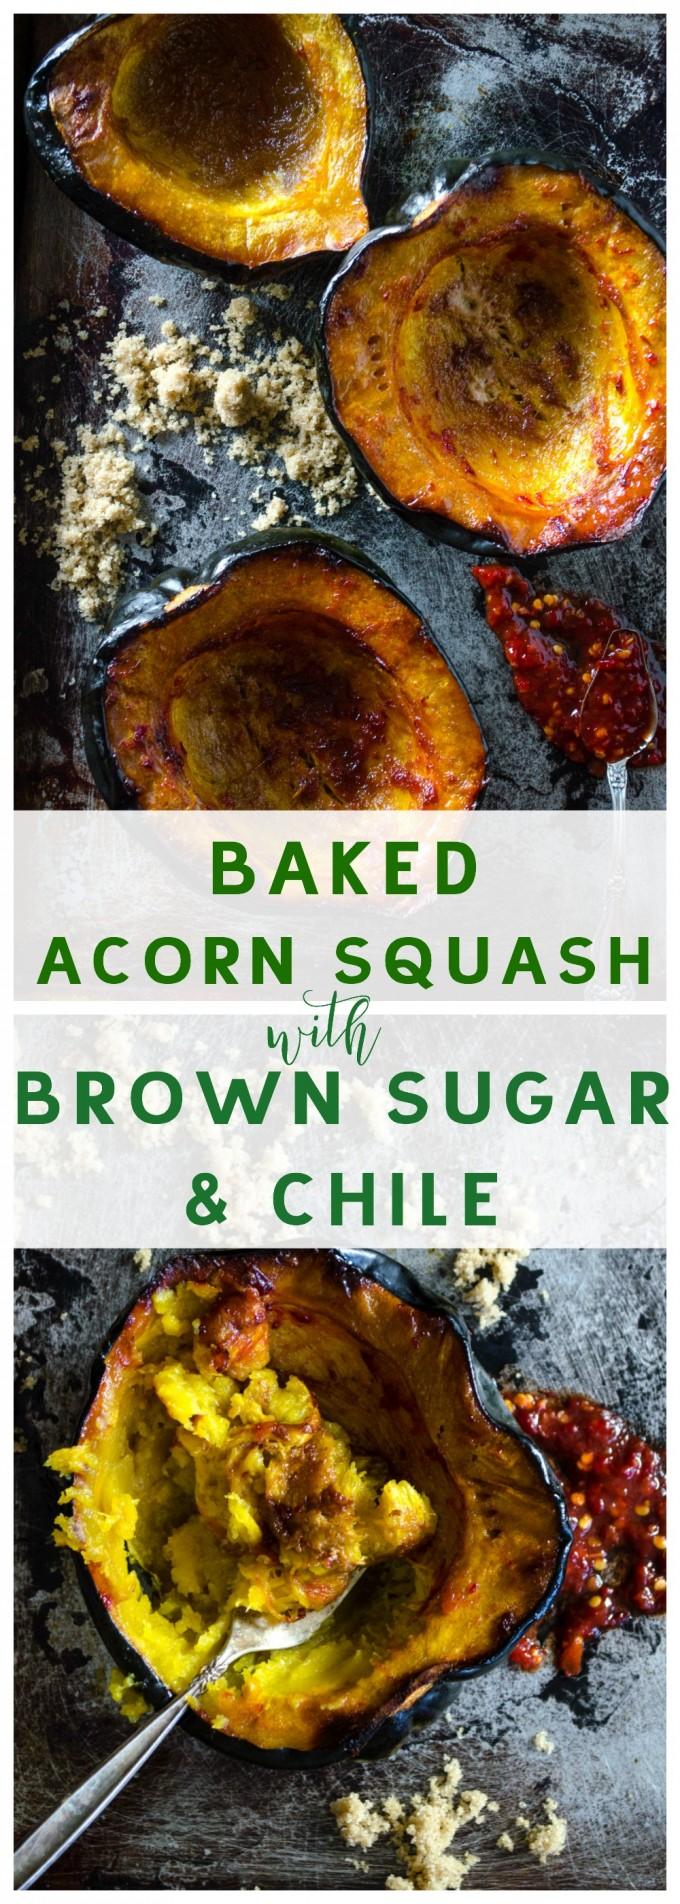 Baked Acorn Squash with Brown Sugar and Chile via @gogogogourmet